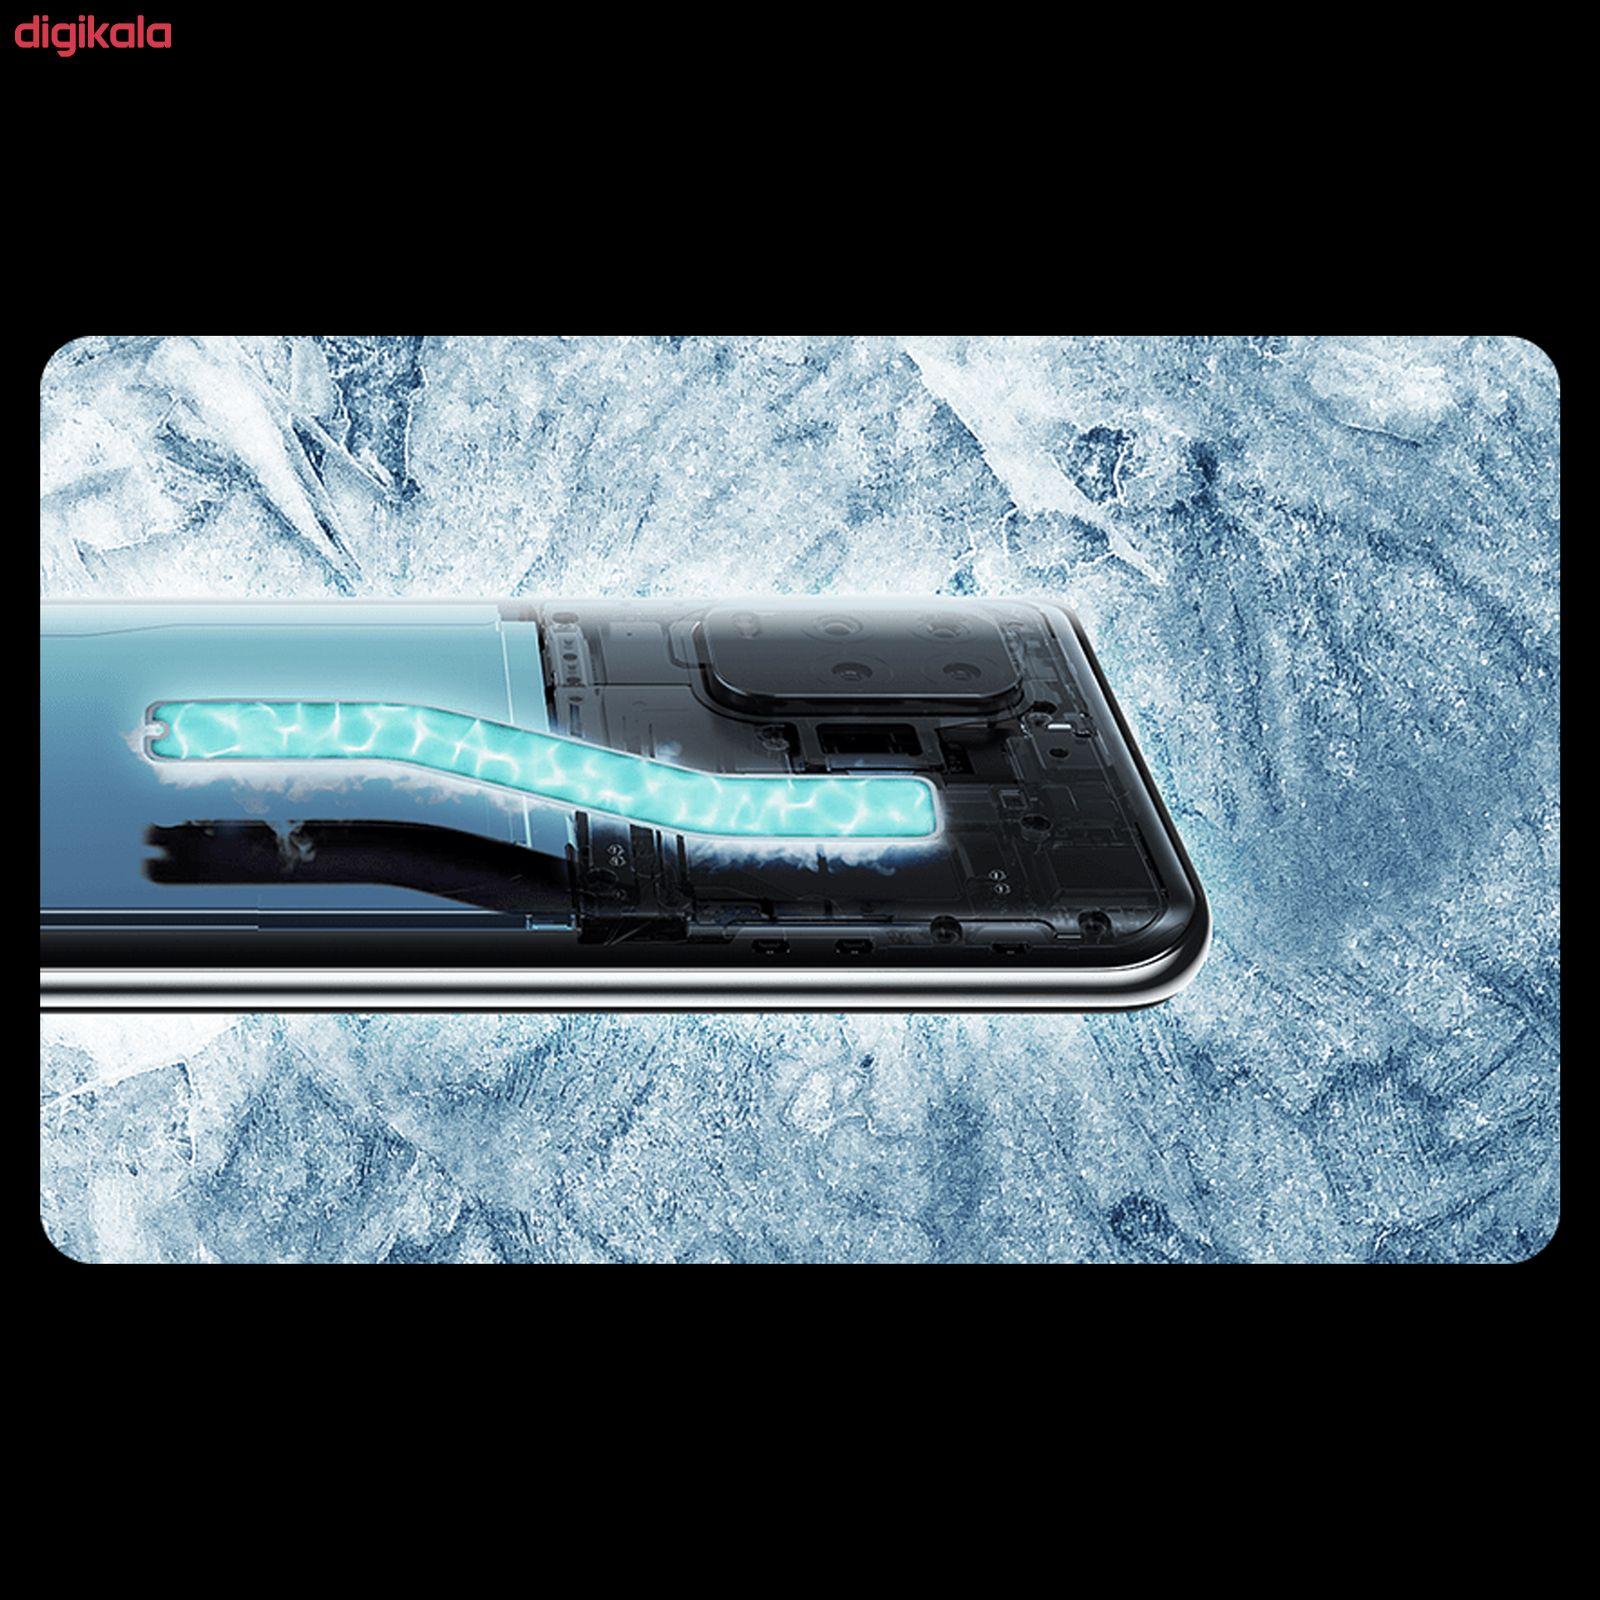 گوشی موبایل شیائومی مدل Mi 10 Lite 5G M2002J9G دو سیم کارت ظرفیت 128 گیگابایت  main 1 7